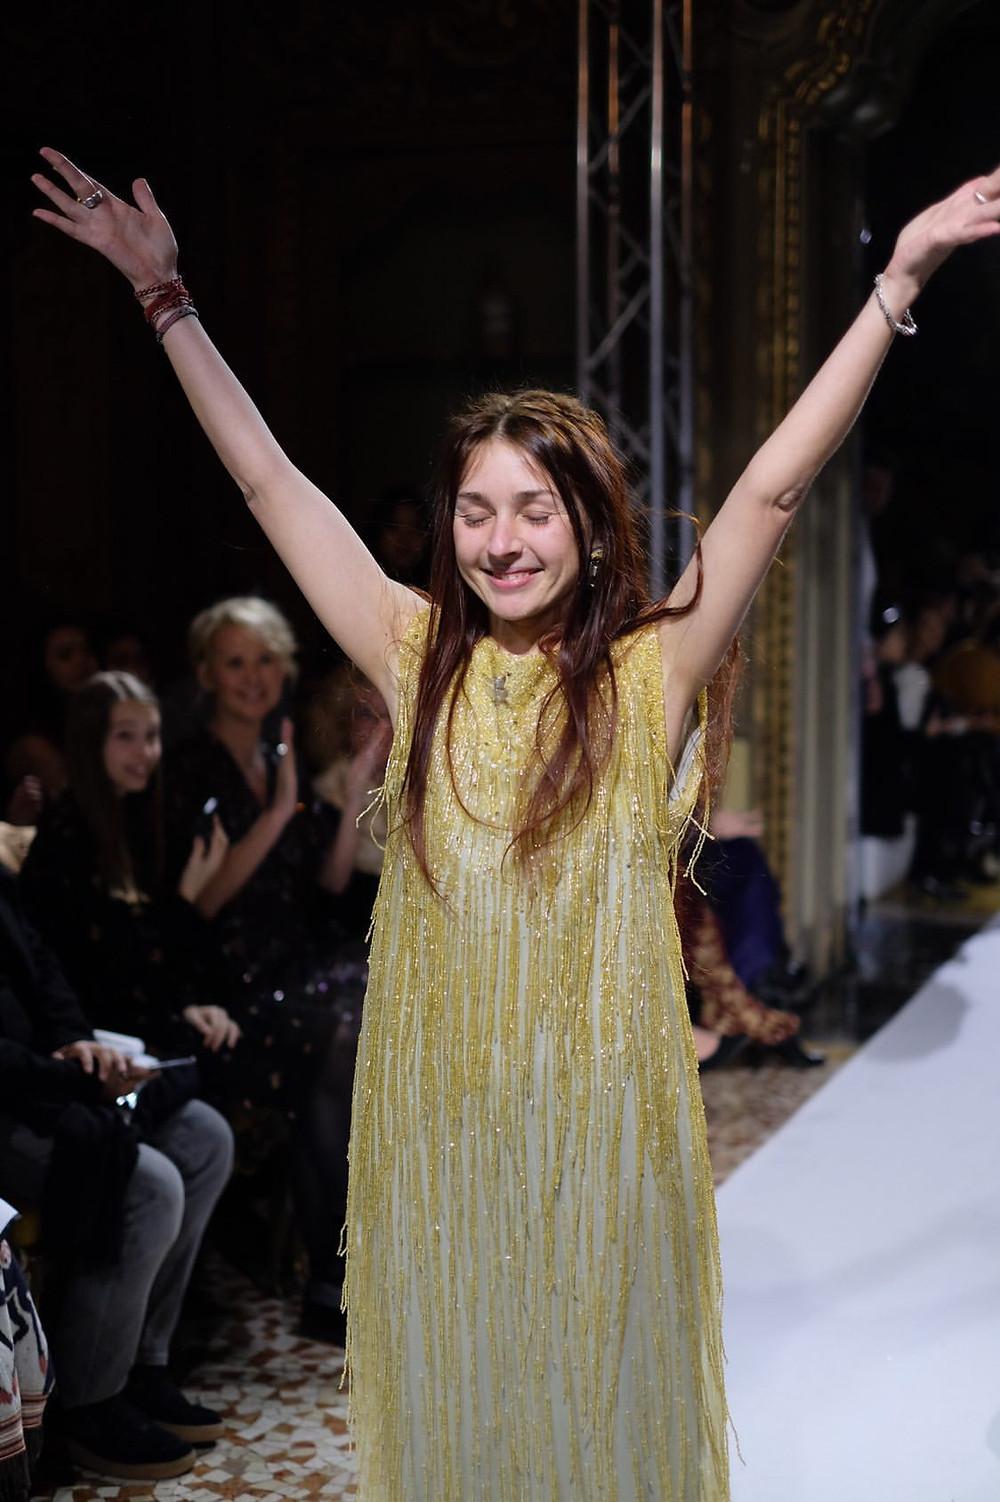 Grateful Nymf designer Triin Kärblane at Milan Fashion Week